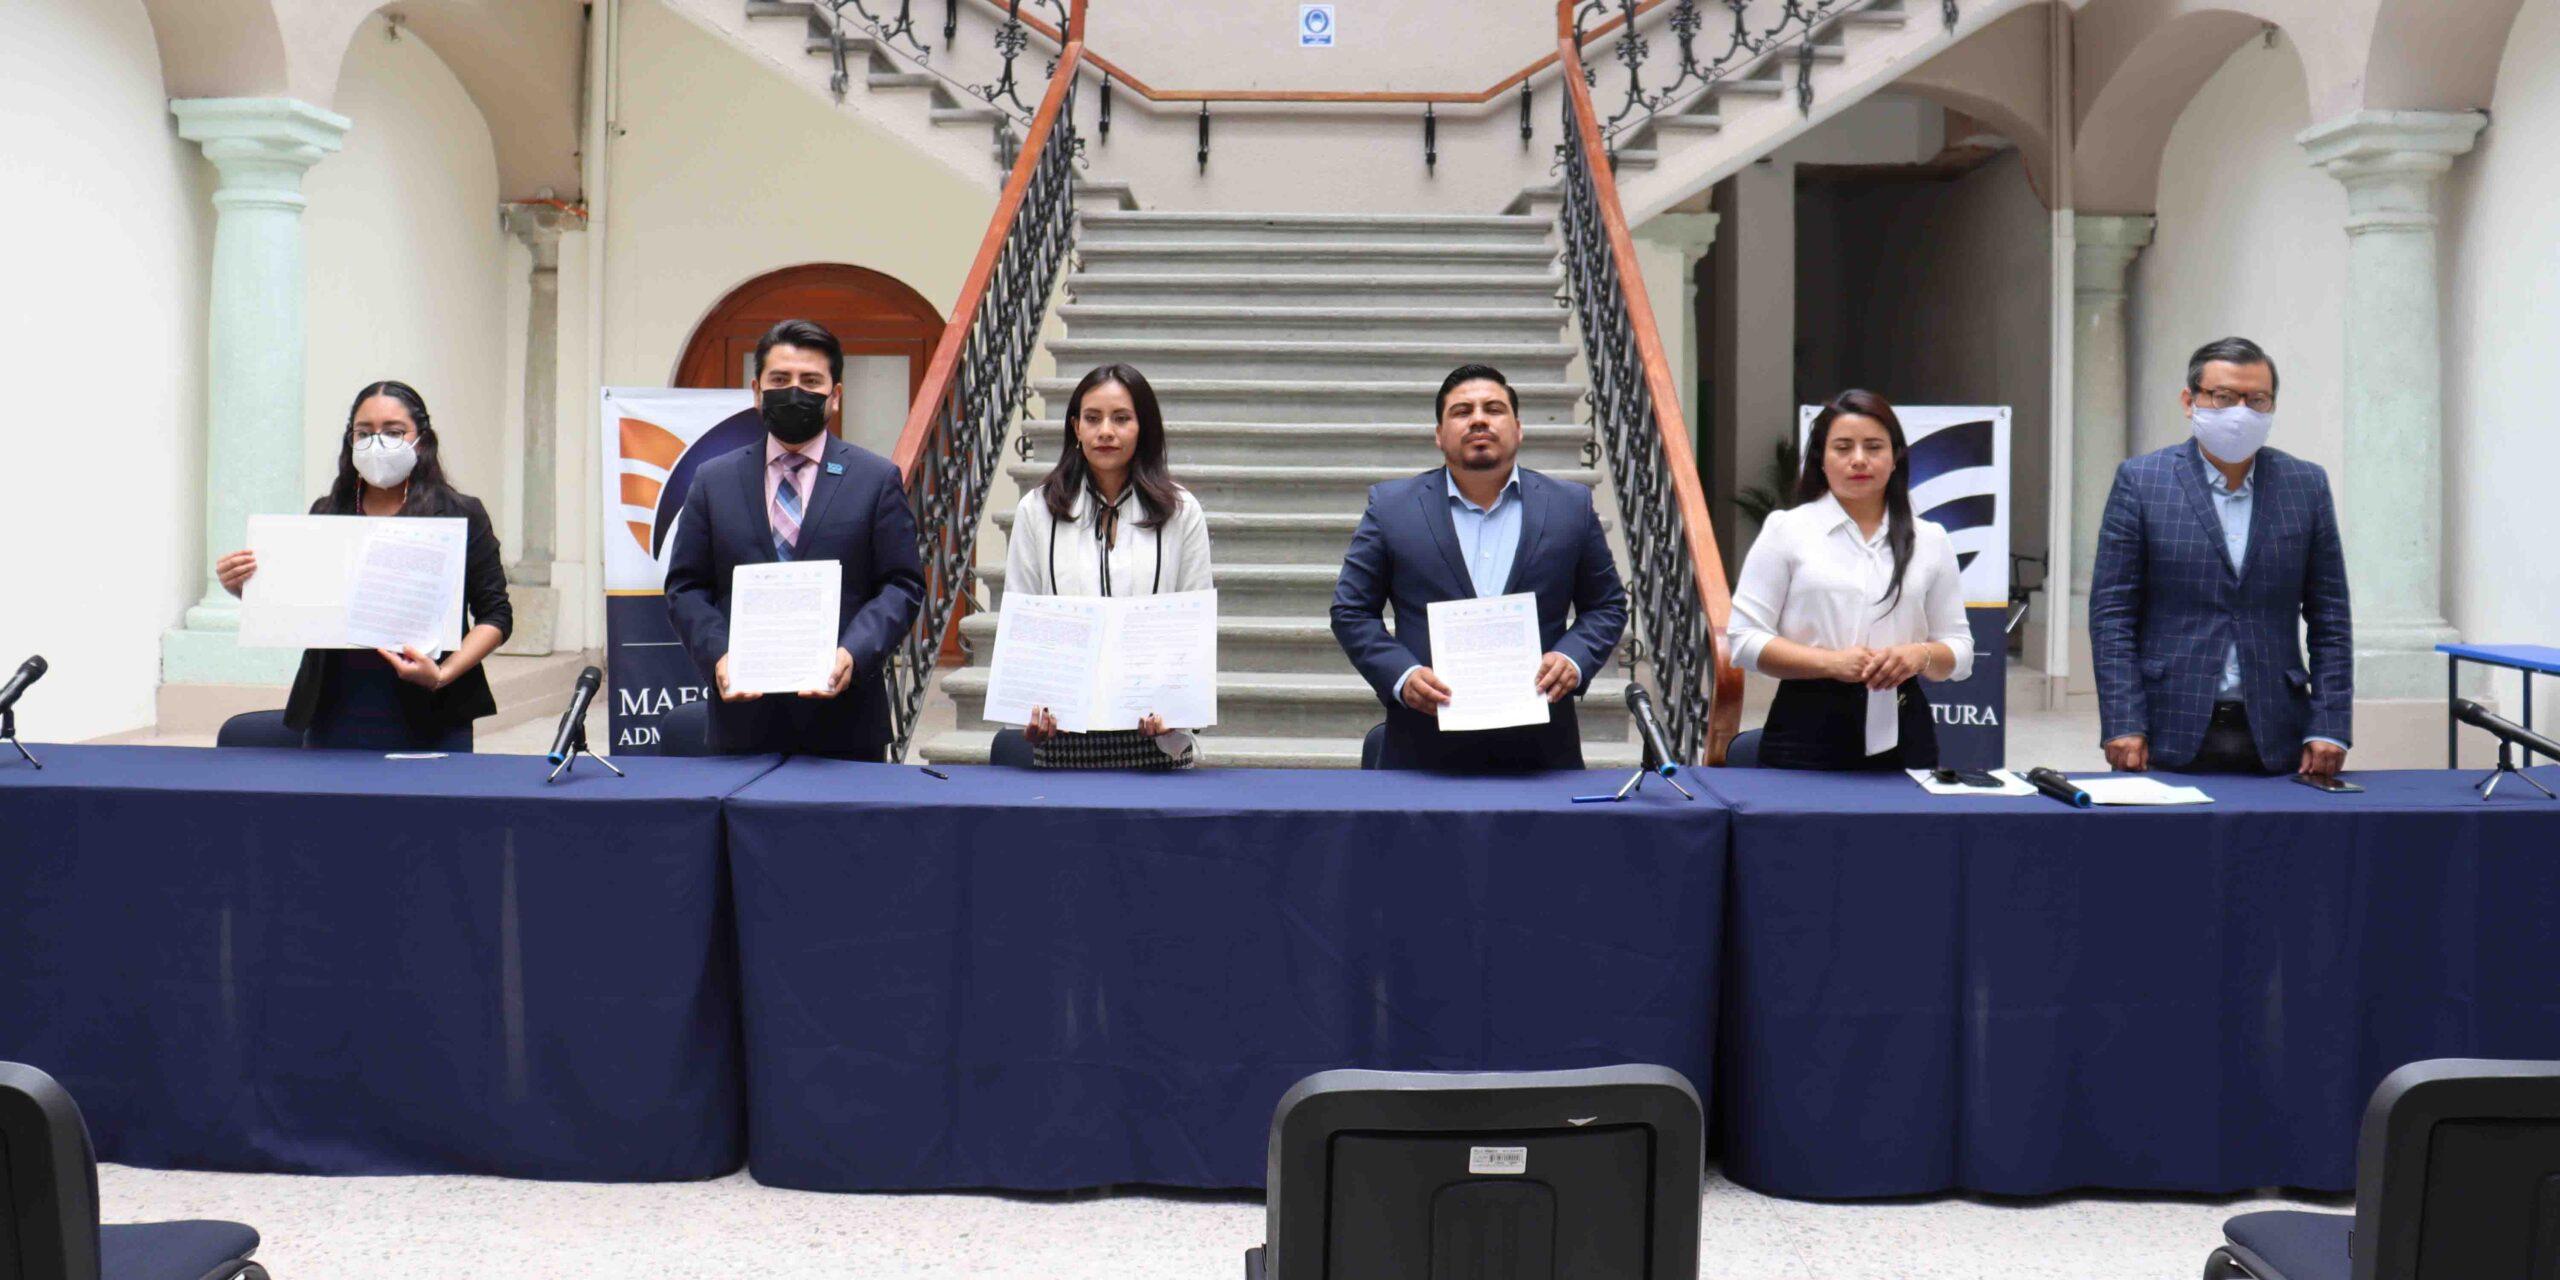 Se unen asociaciones civiles por el ambiente | El Imparcial de Oaxaca